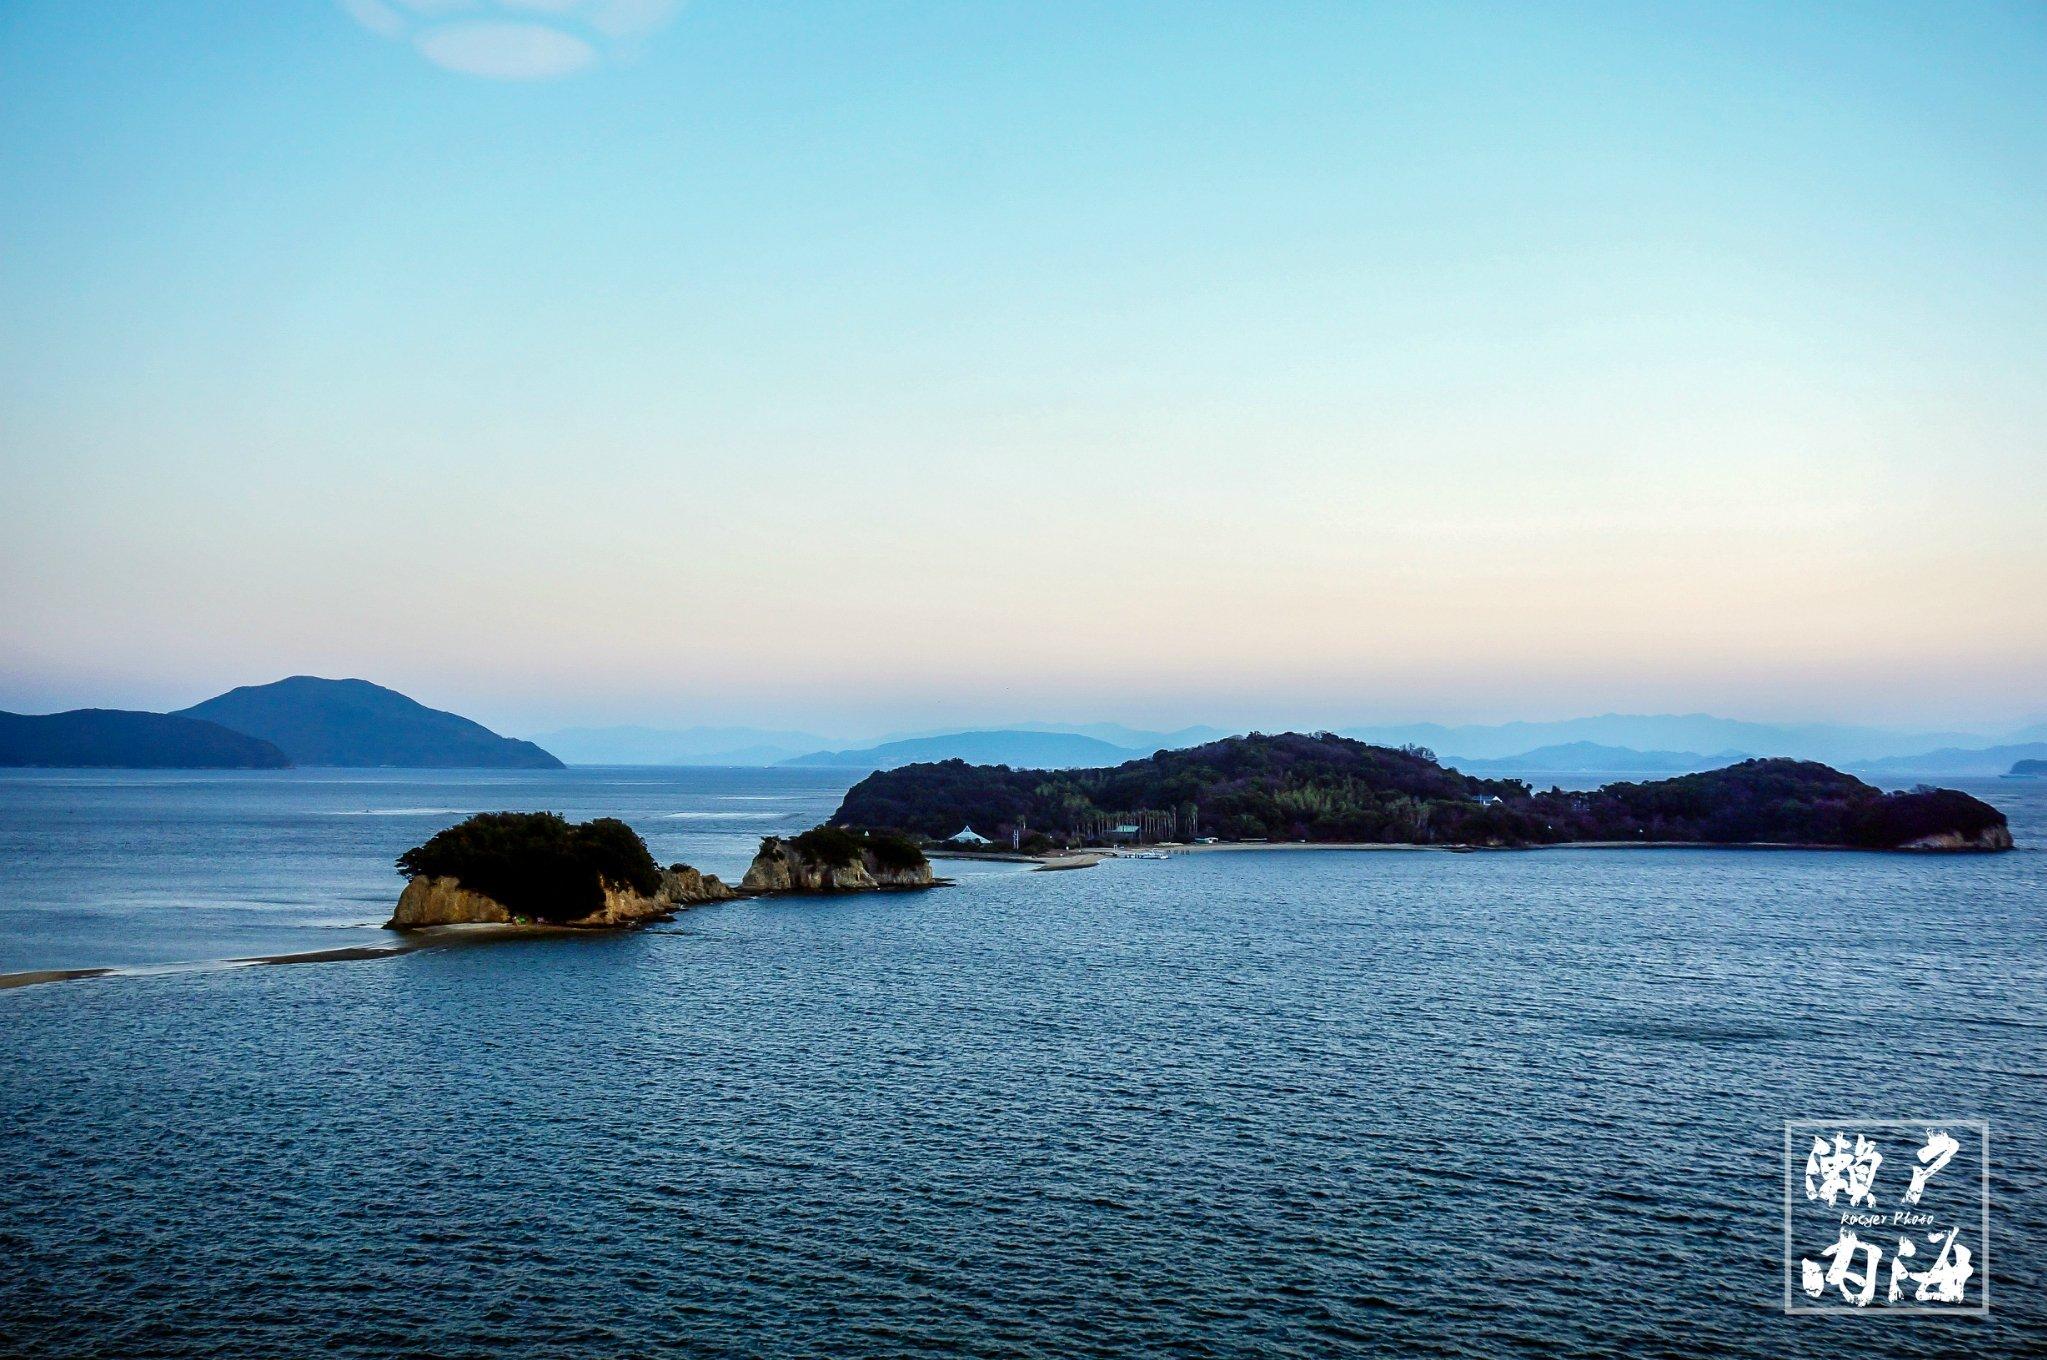 【二刷霓虹】住进濑户内海的柔软时光里。